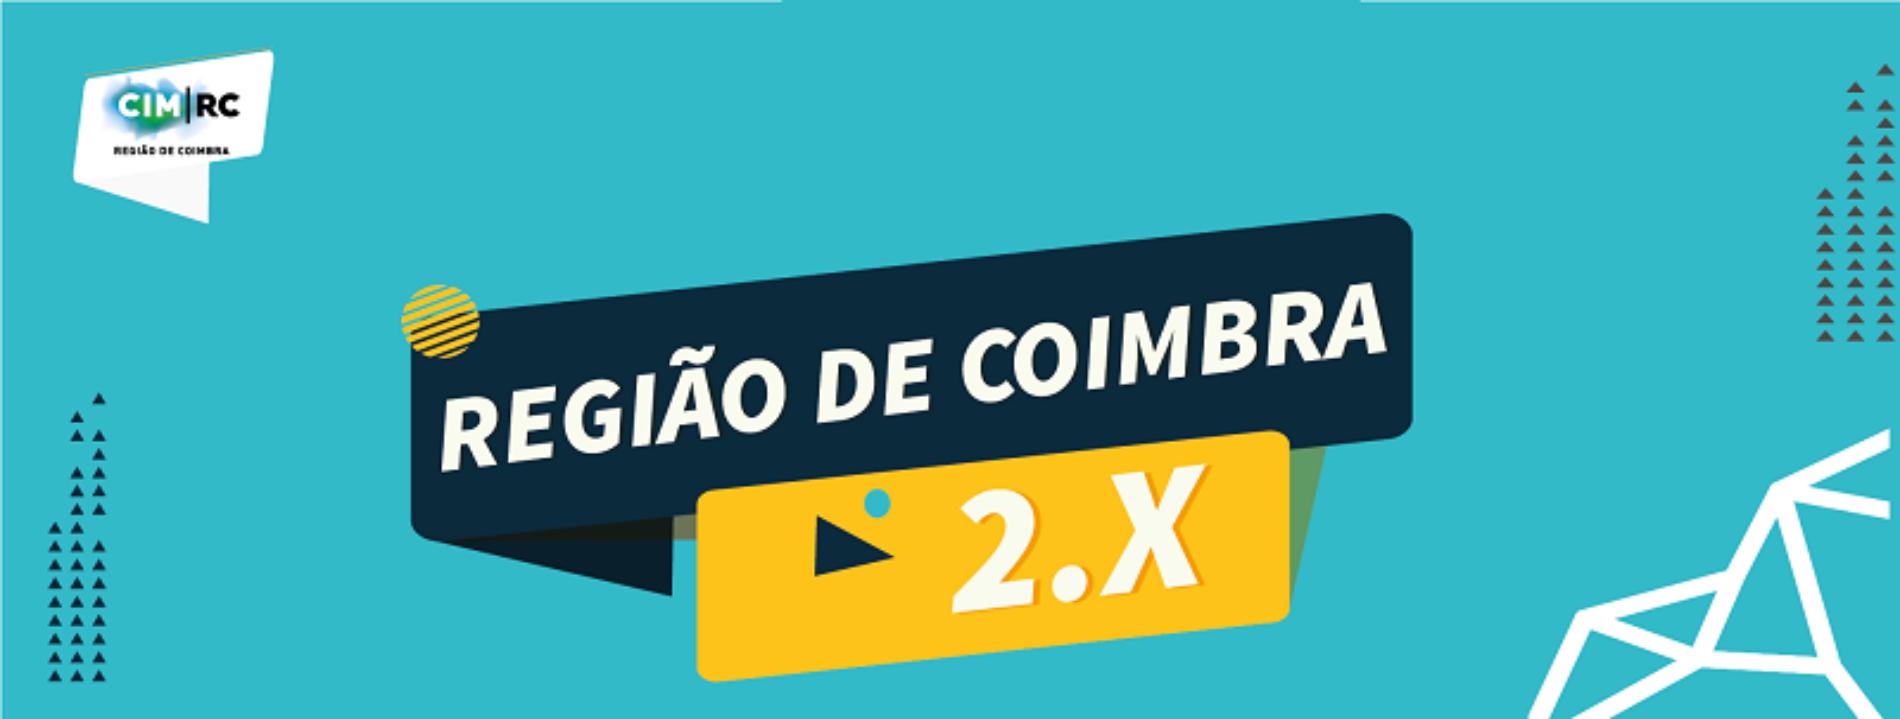 Municípios da Região de Coimbra permitem acesso a serviços municipais em segurança